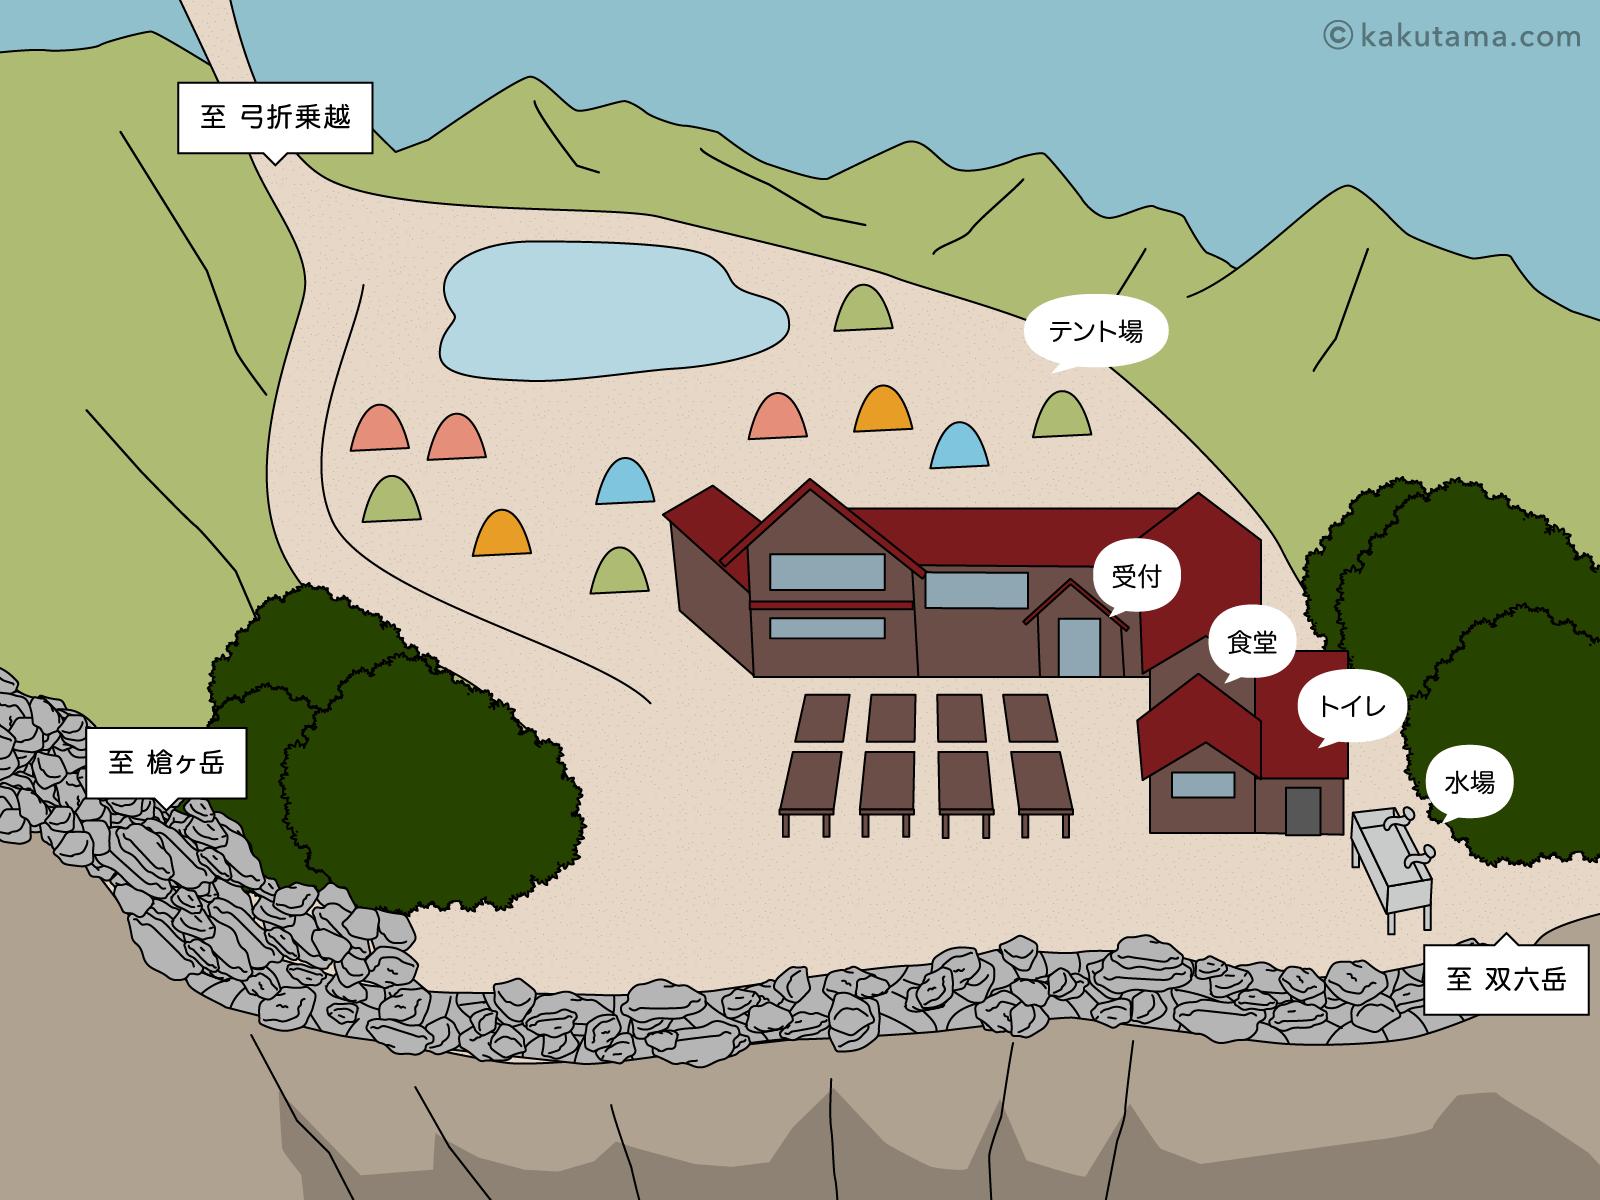 双六小屋のイラストマップ